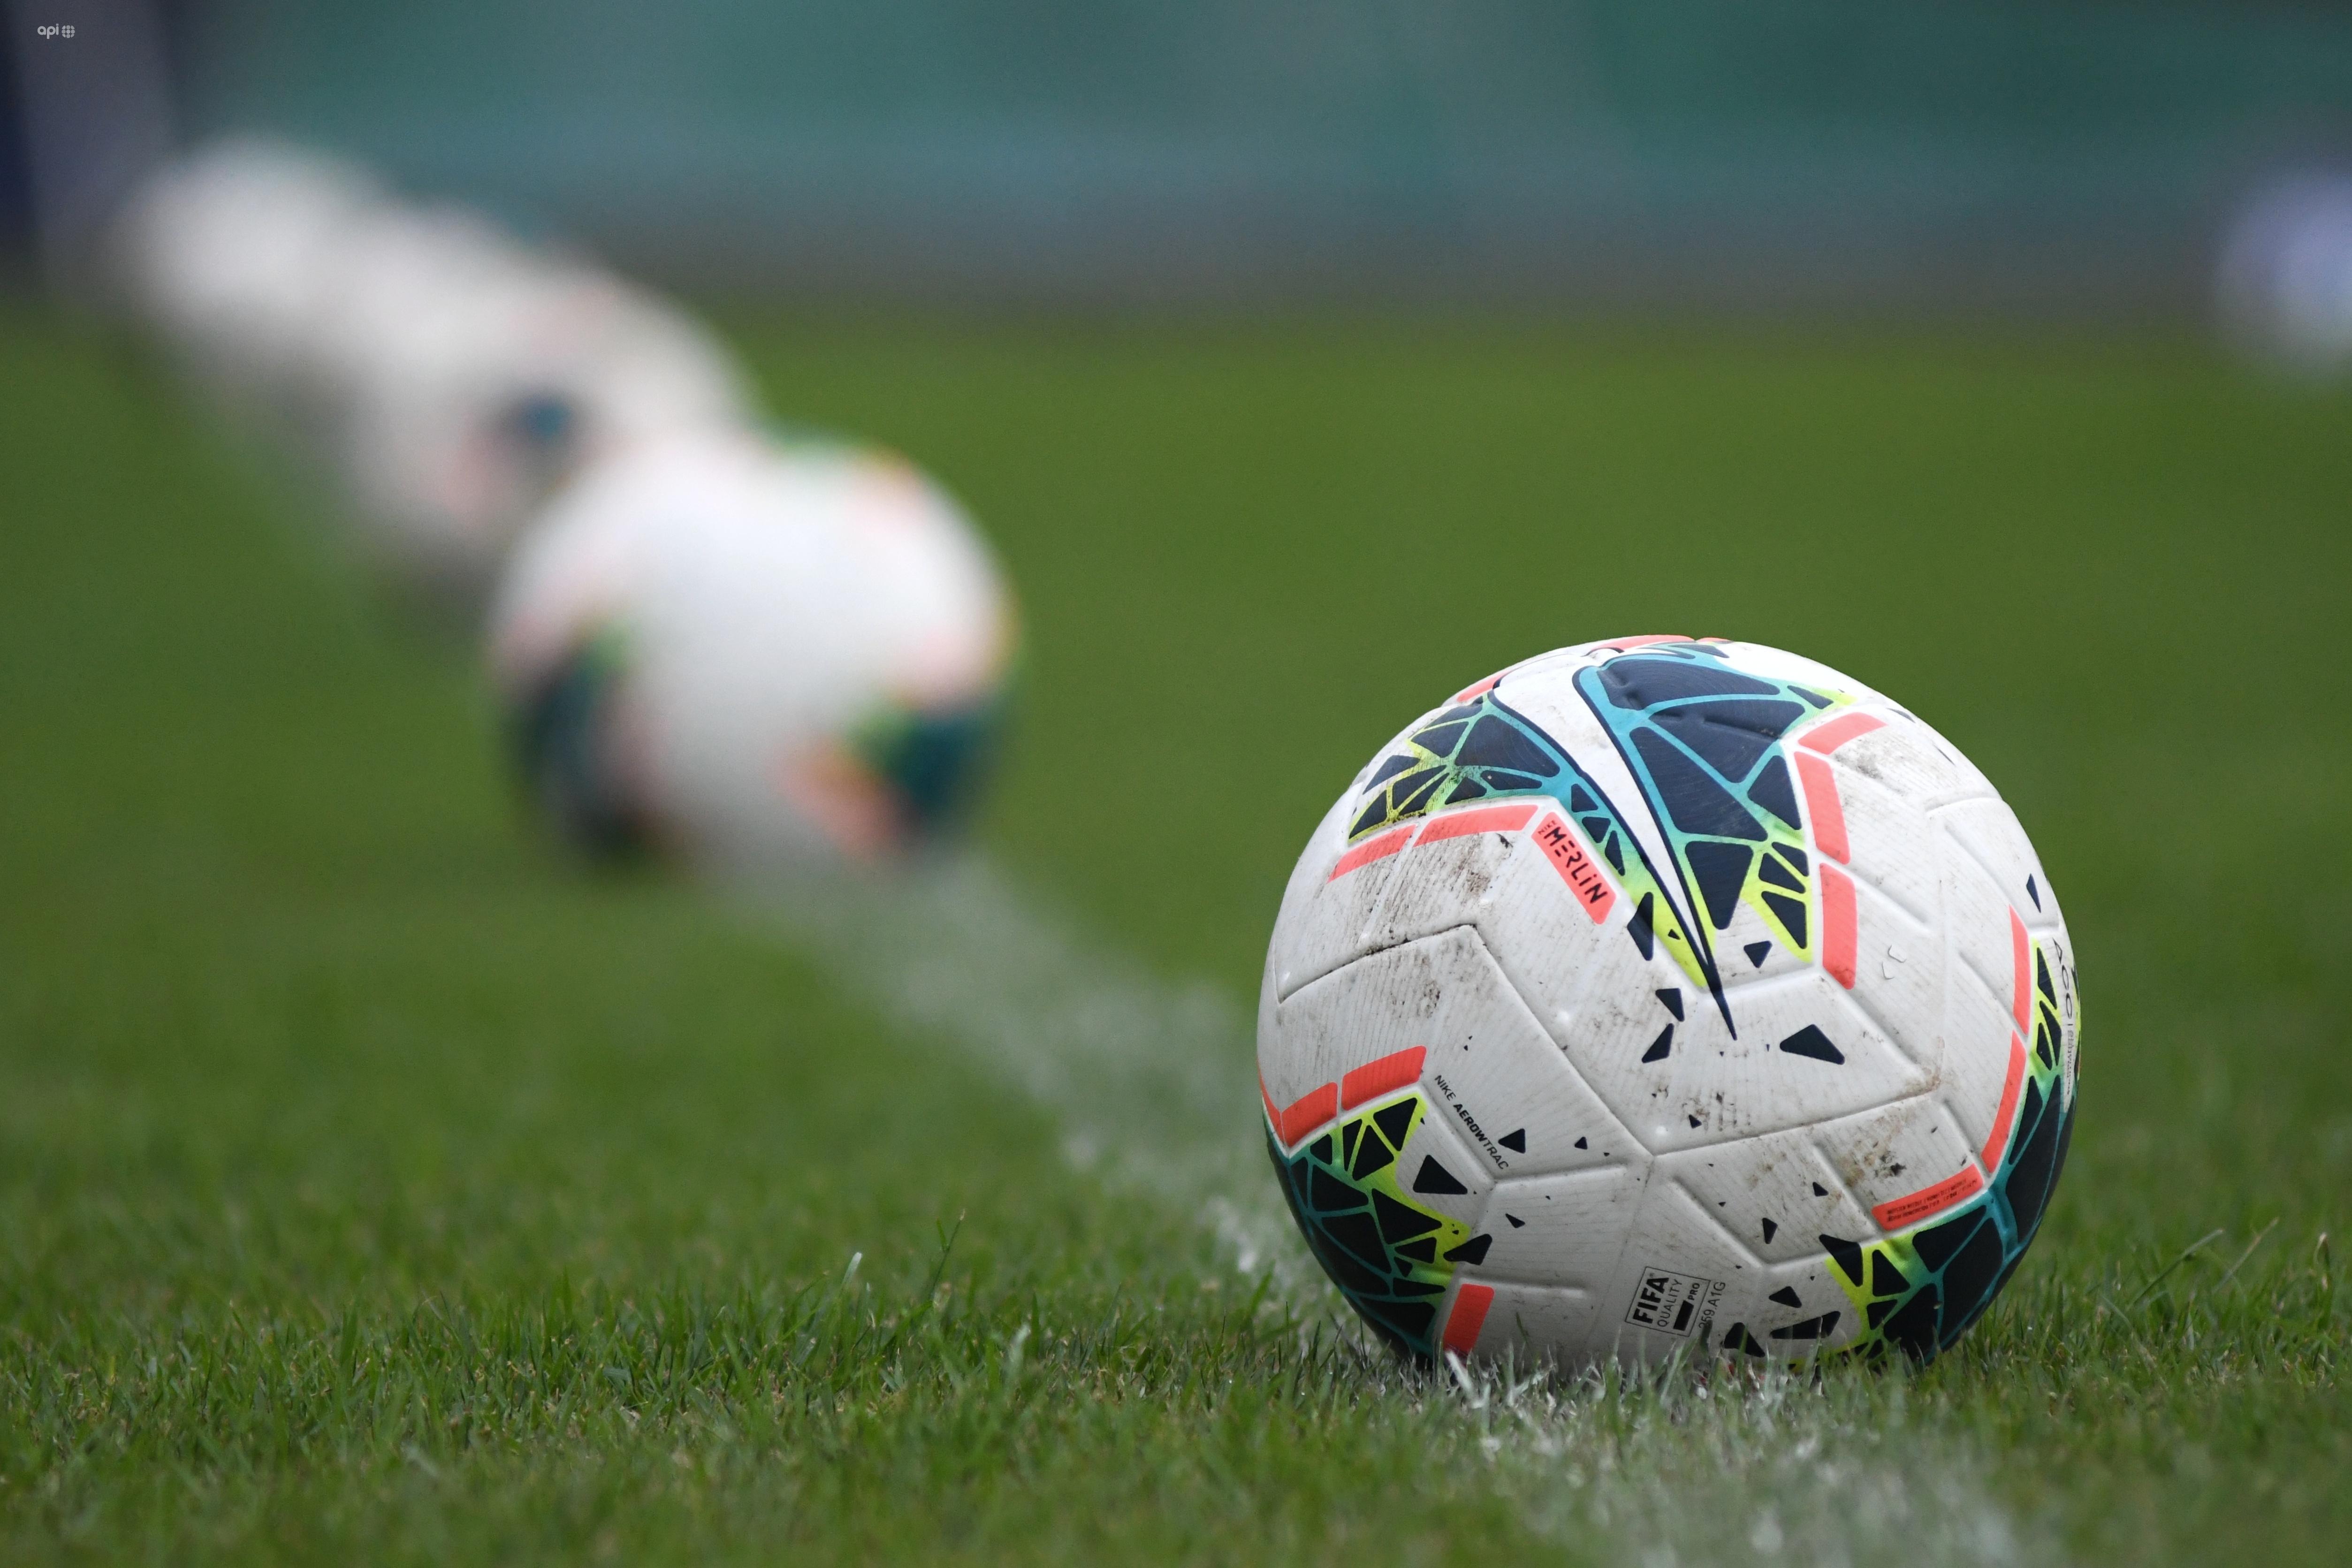 Dos jugadores de Aucas, Barcelona, Emelec y Liga de Quito constan en la lista